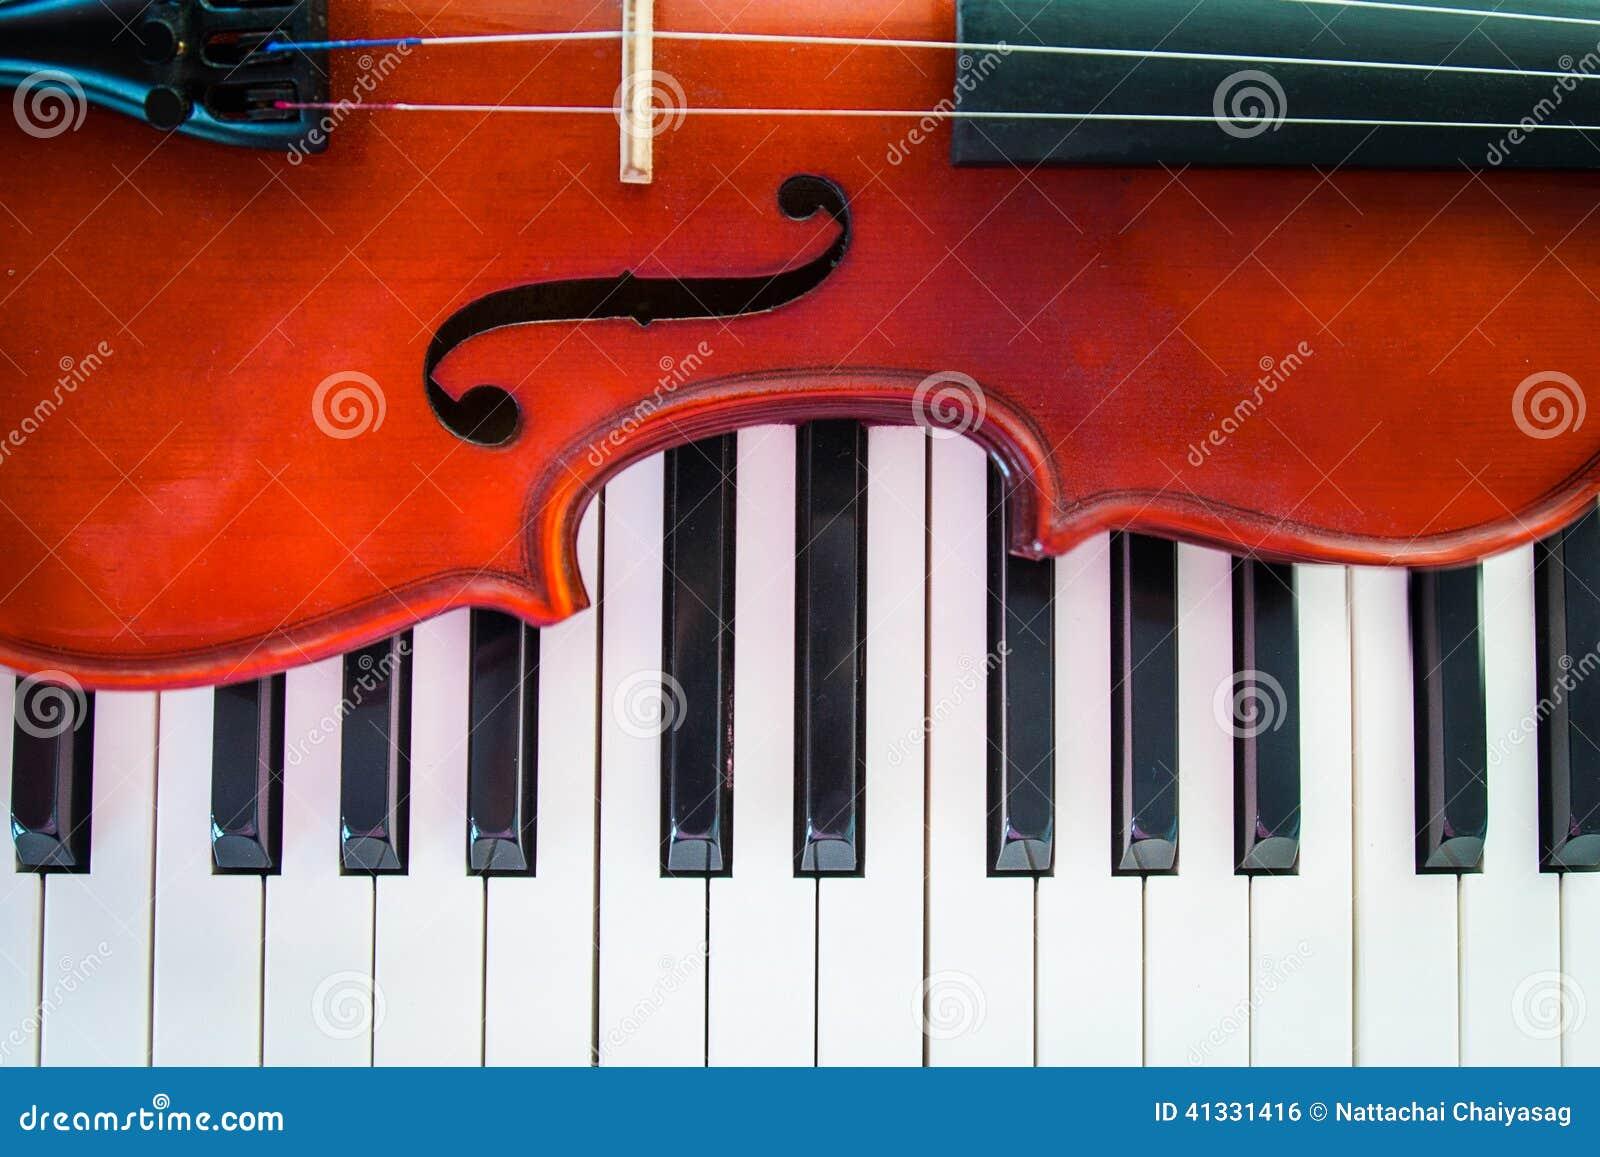 VIolin On Piano